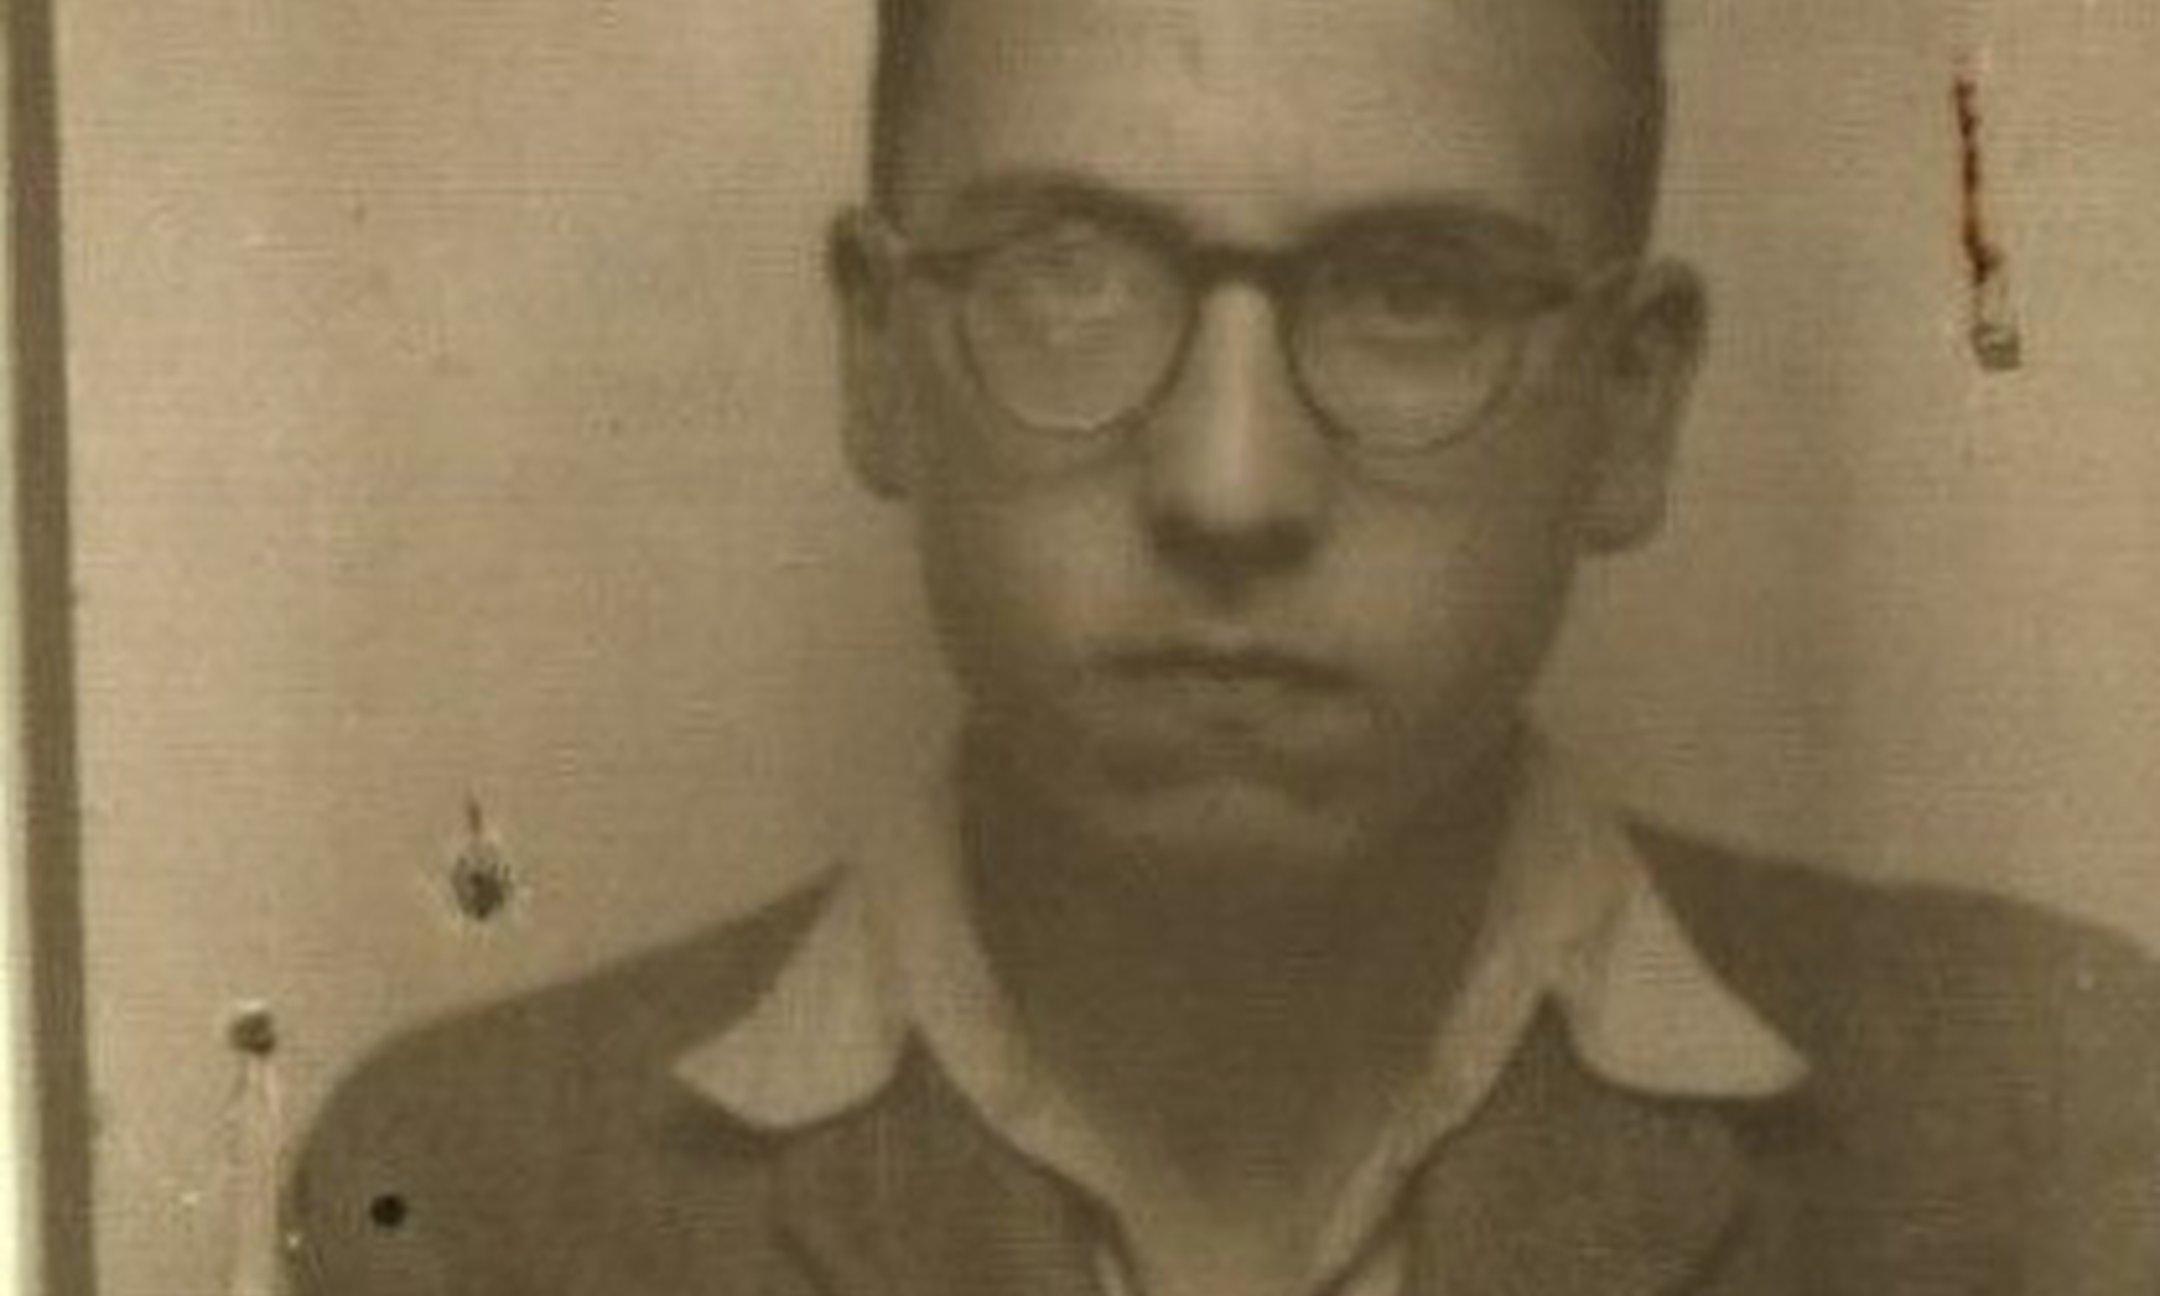 Moshe Flinker schreef in zijn dagboek over zijn worsteling met het geloof als gevolg van de Jodenvervolging door de nazi's.